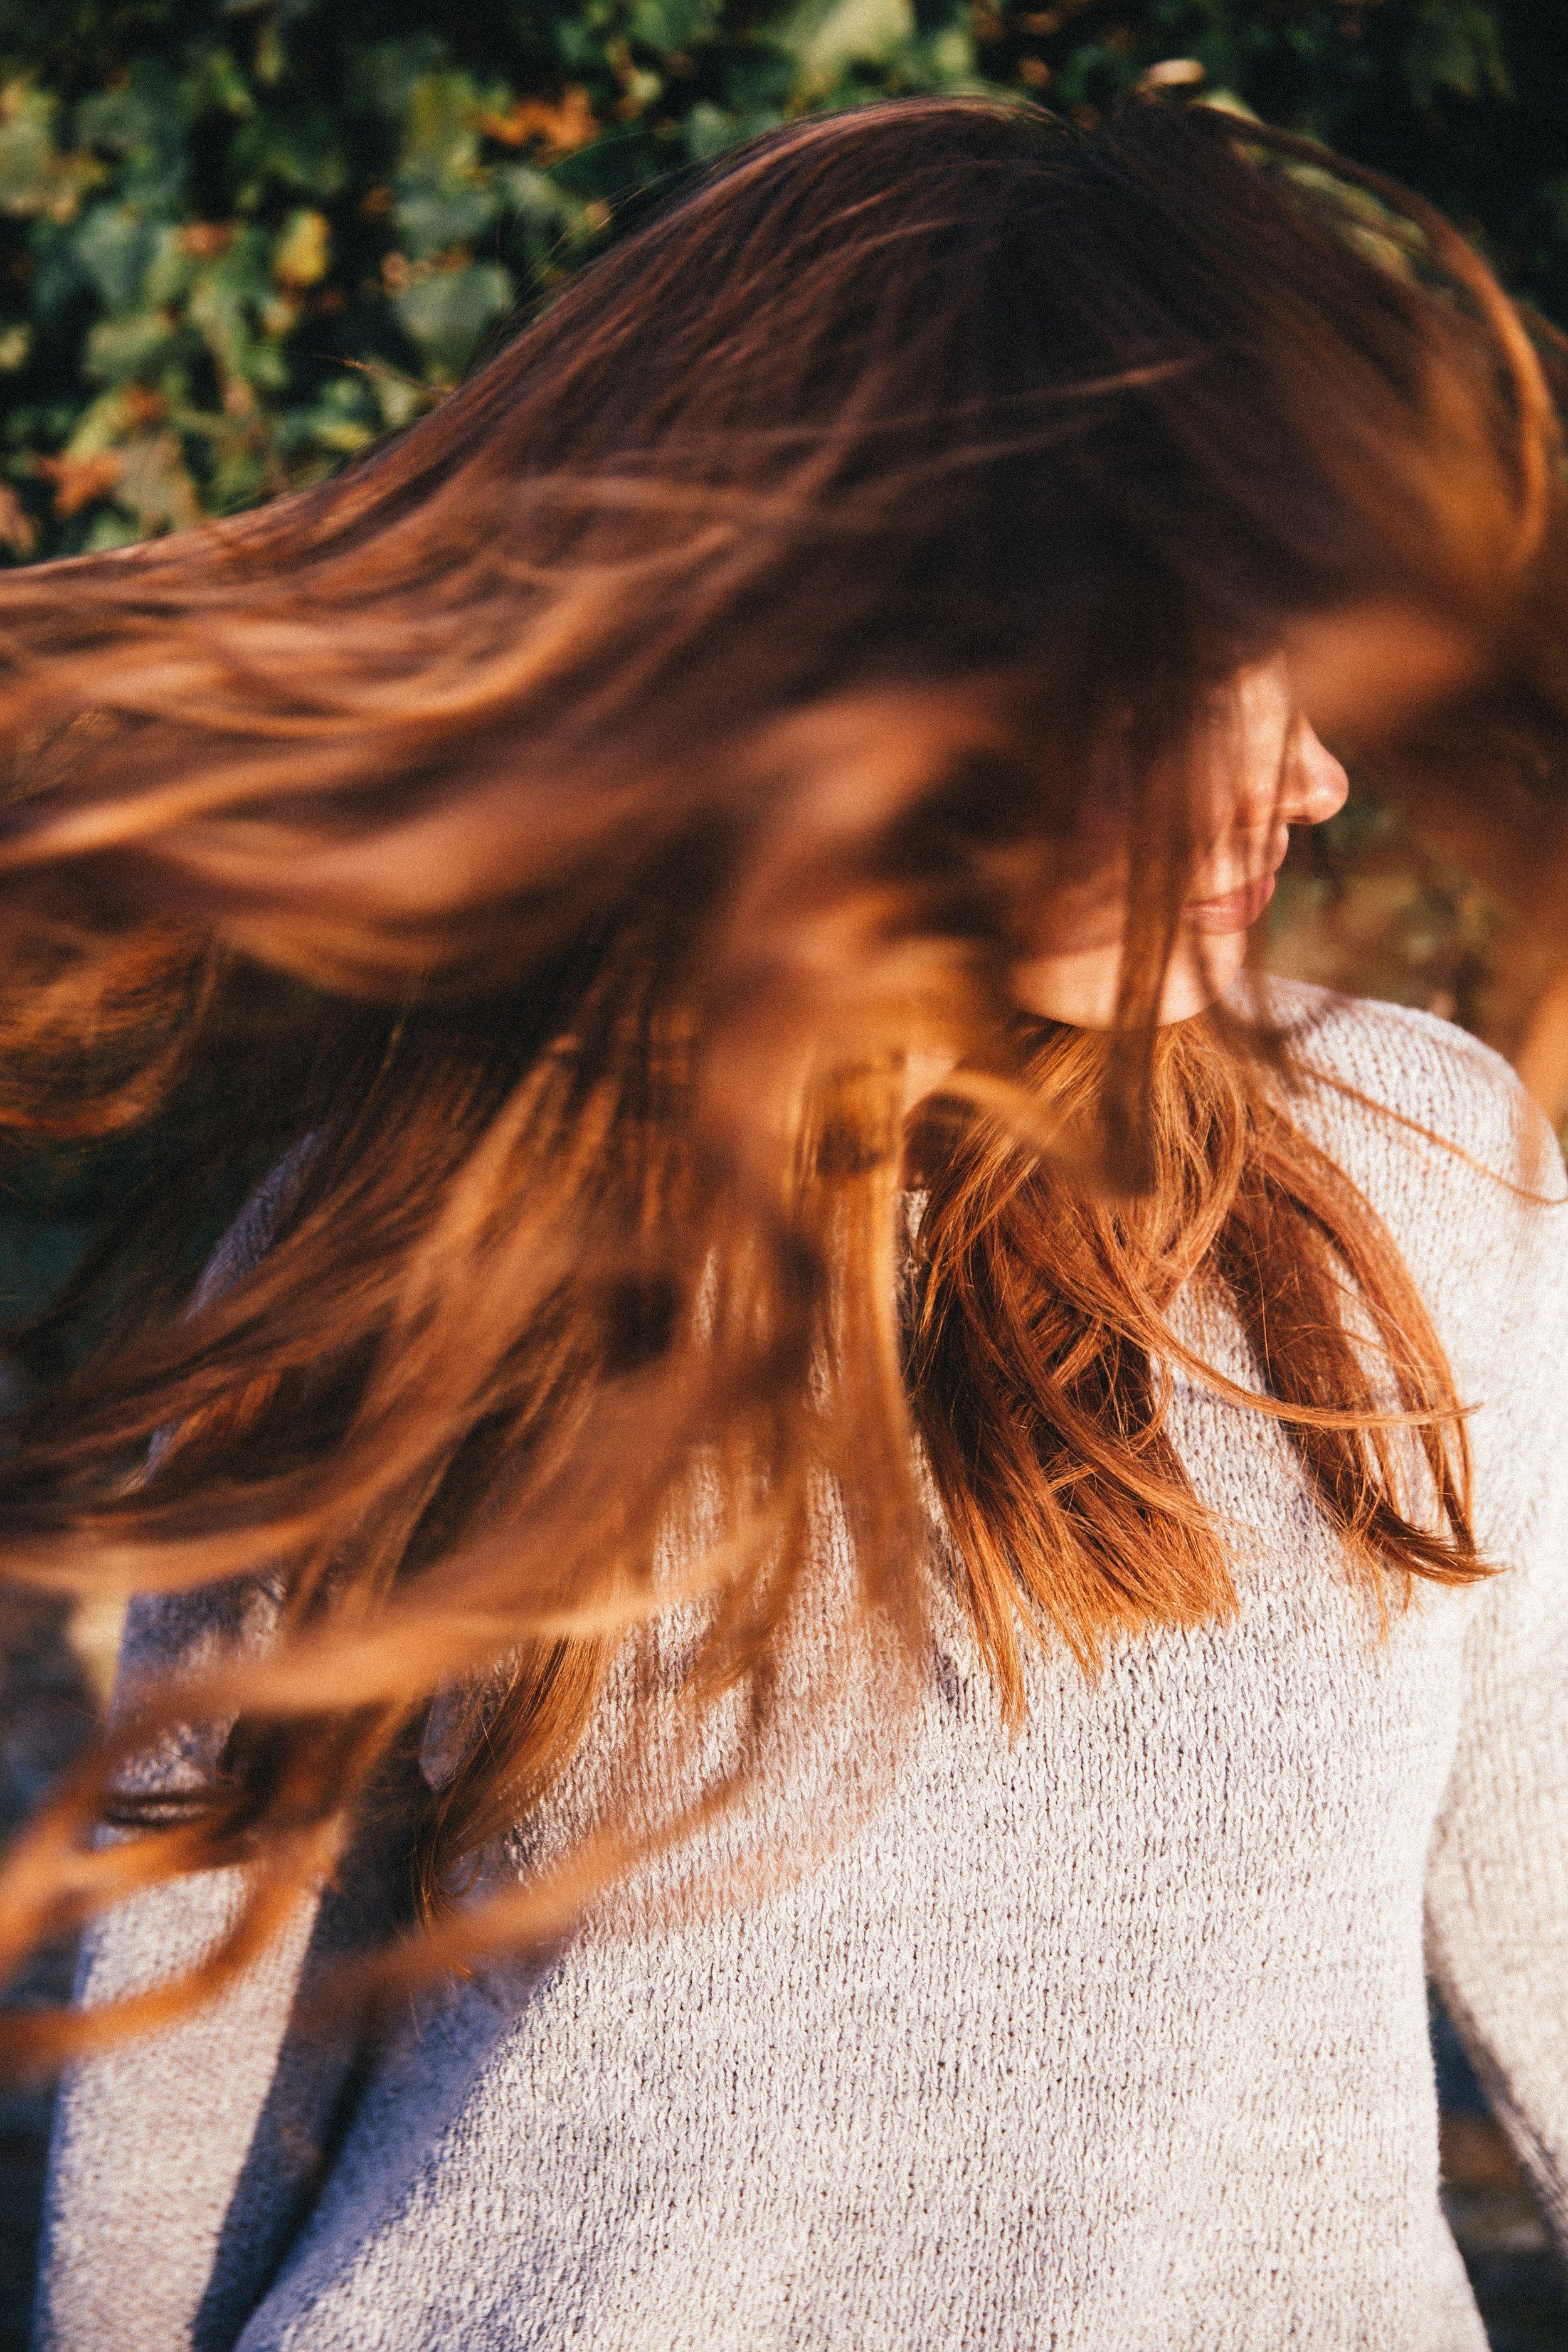 A girl twirling her long brunette hair.